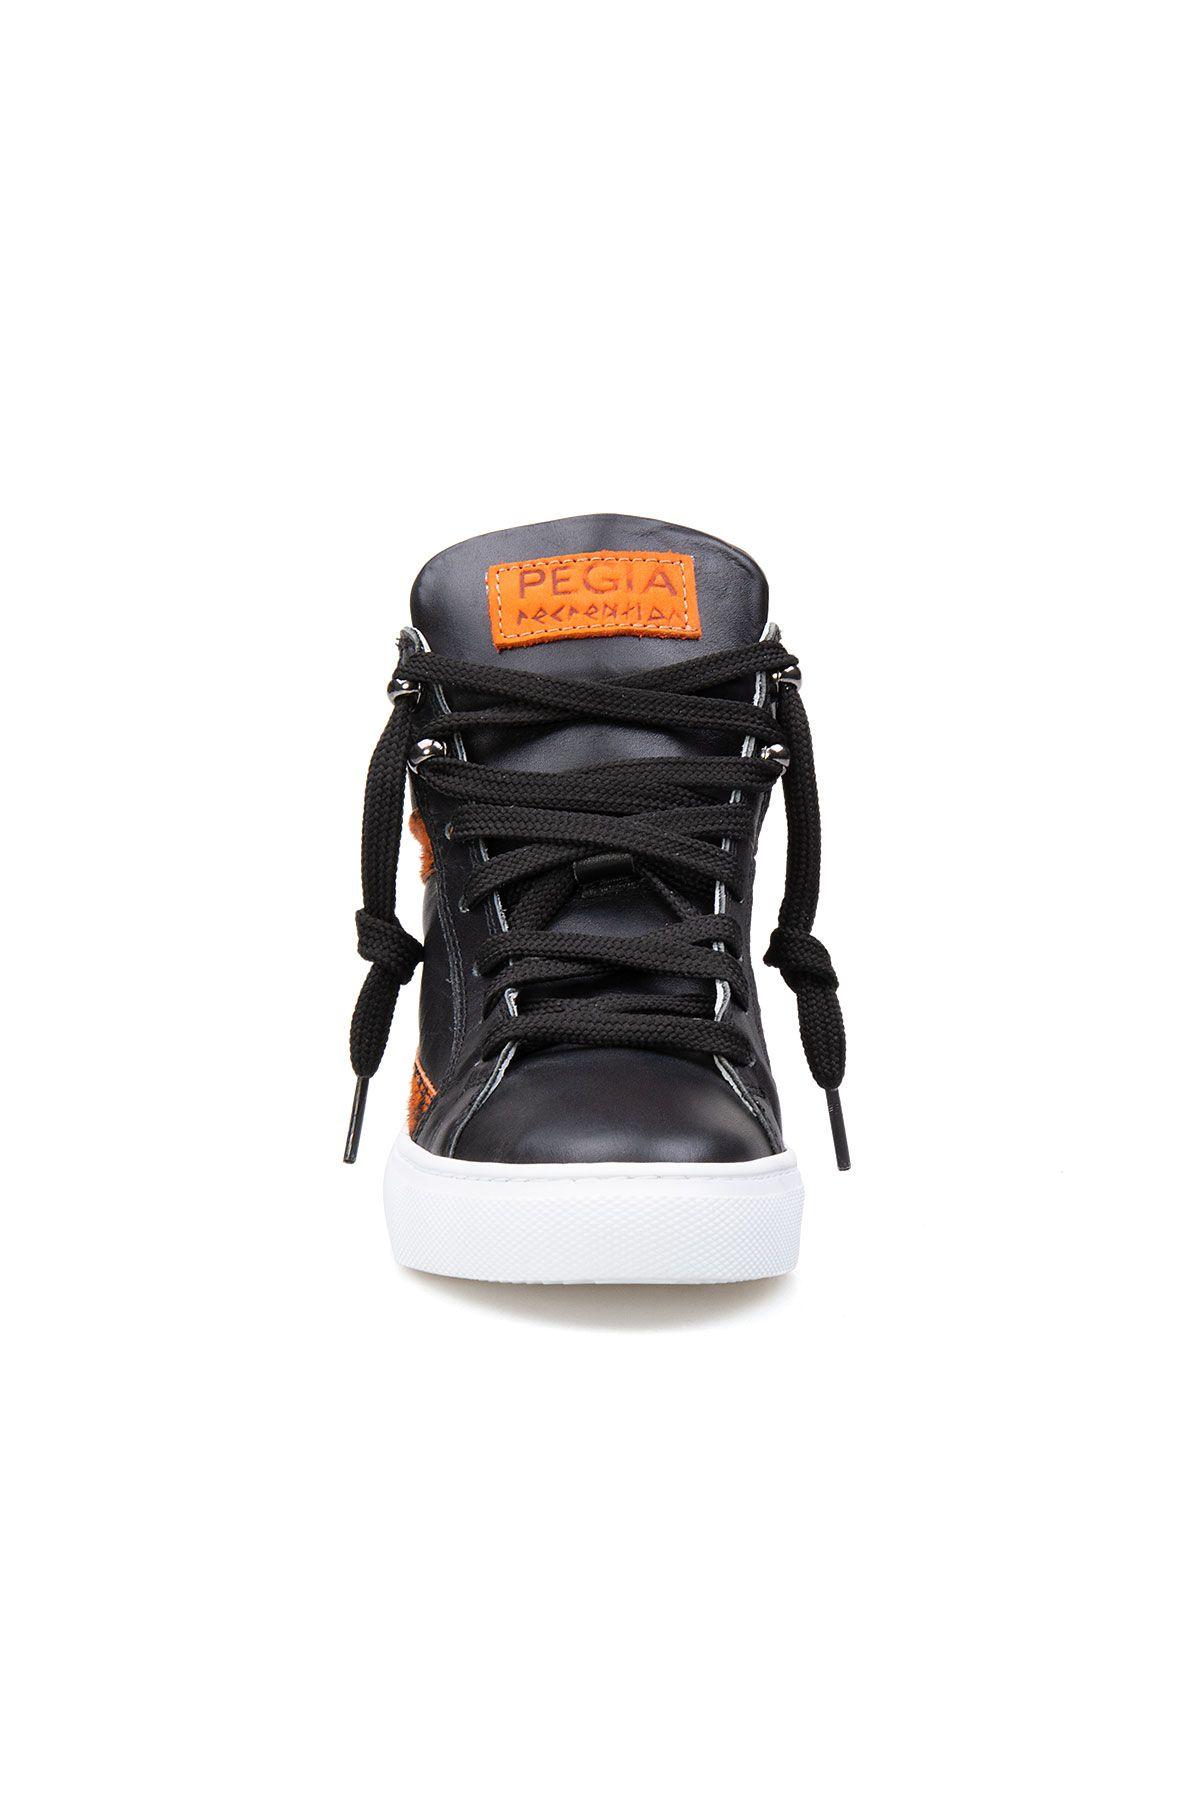 Pegia Genuine Leather Women's Sneaker LA1204 Black